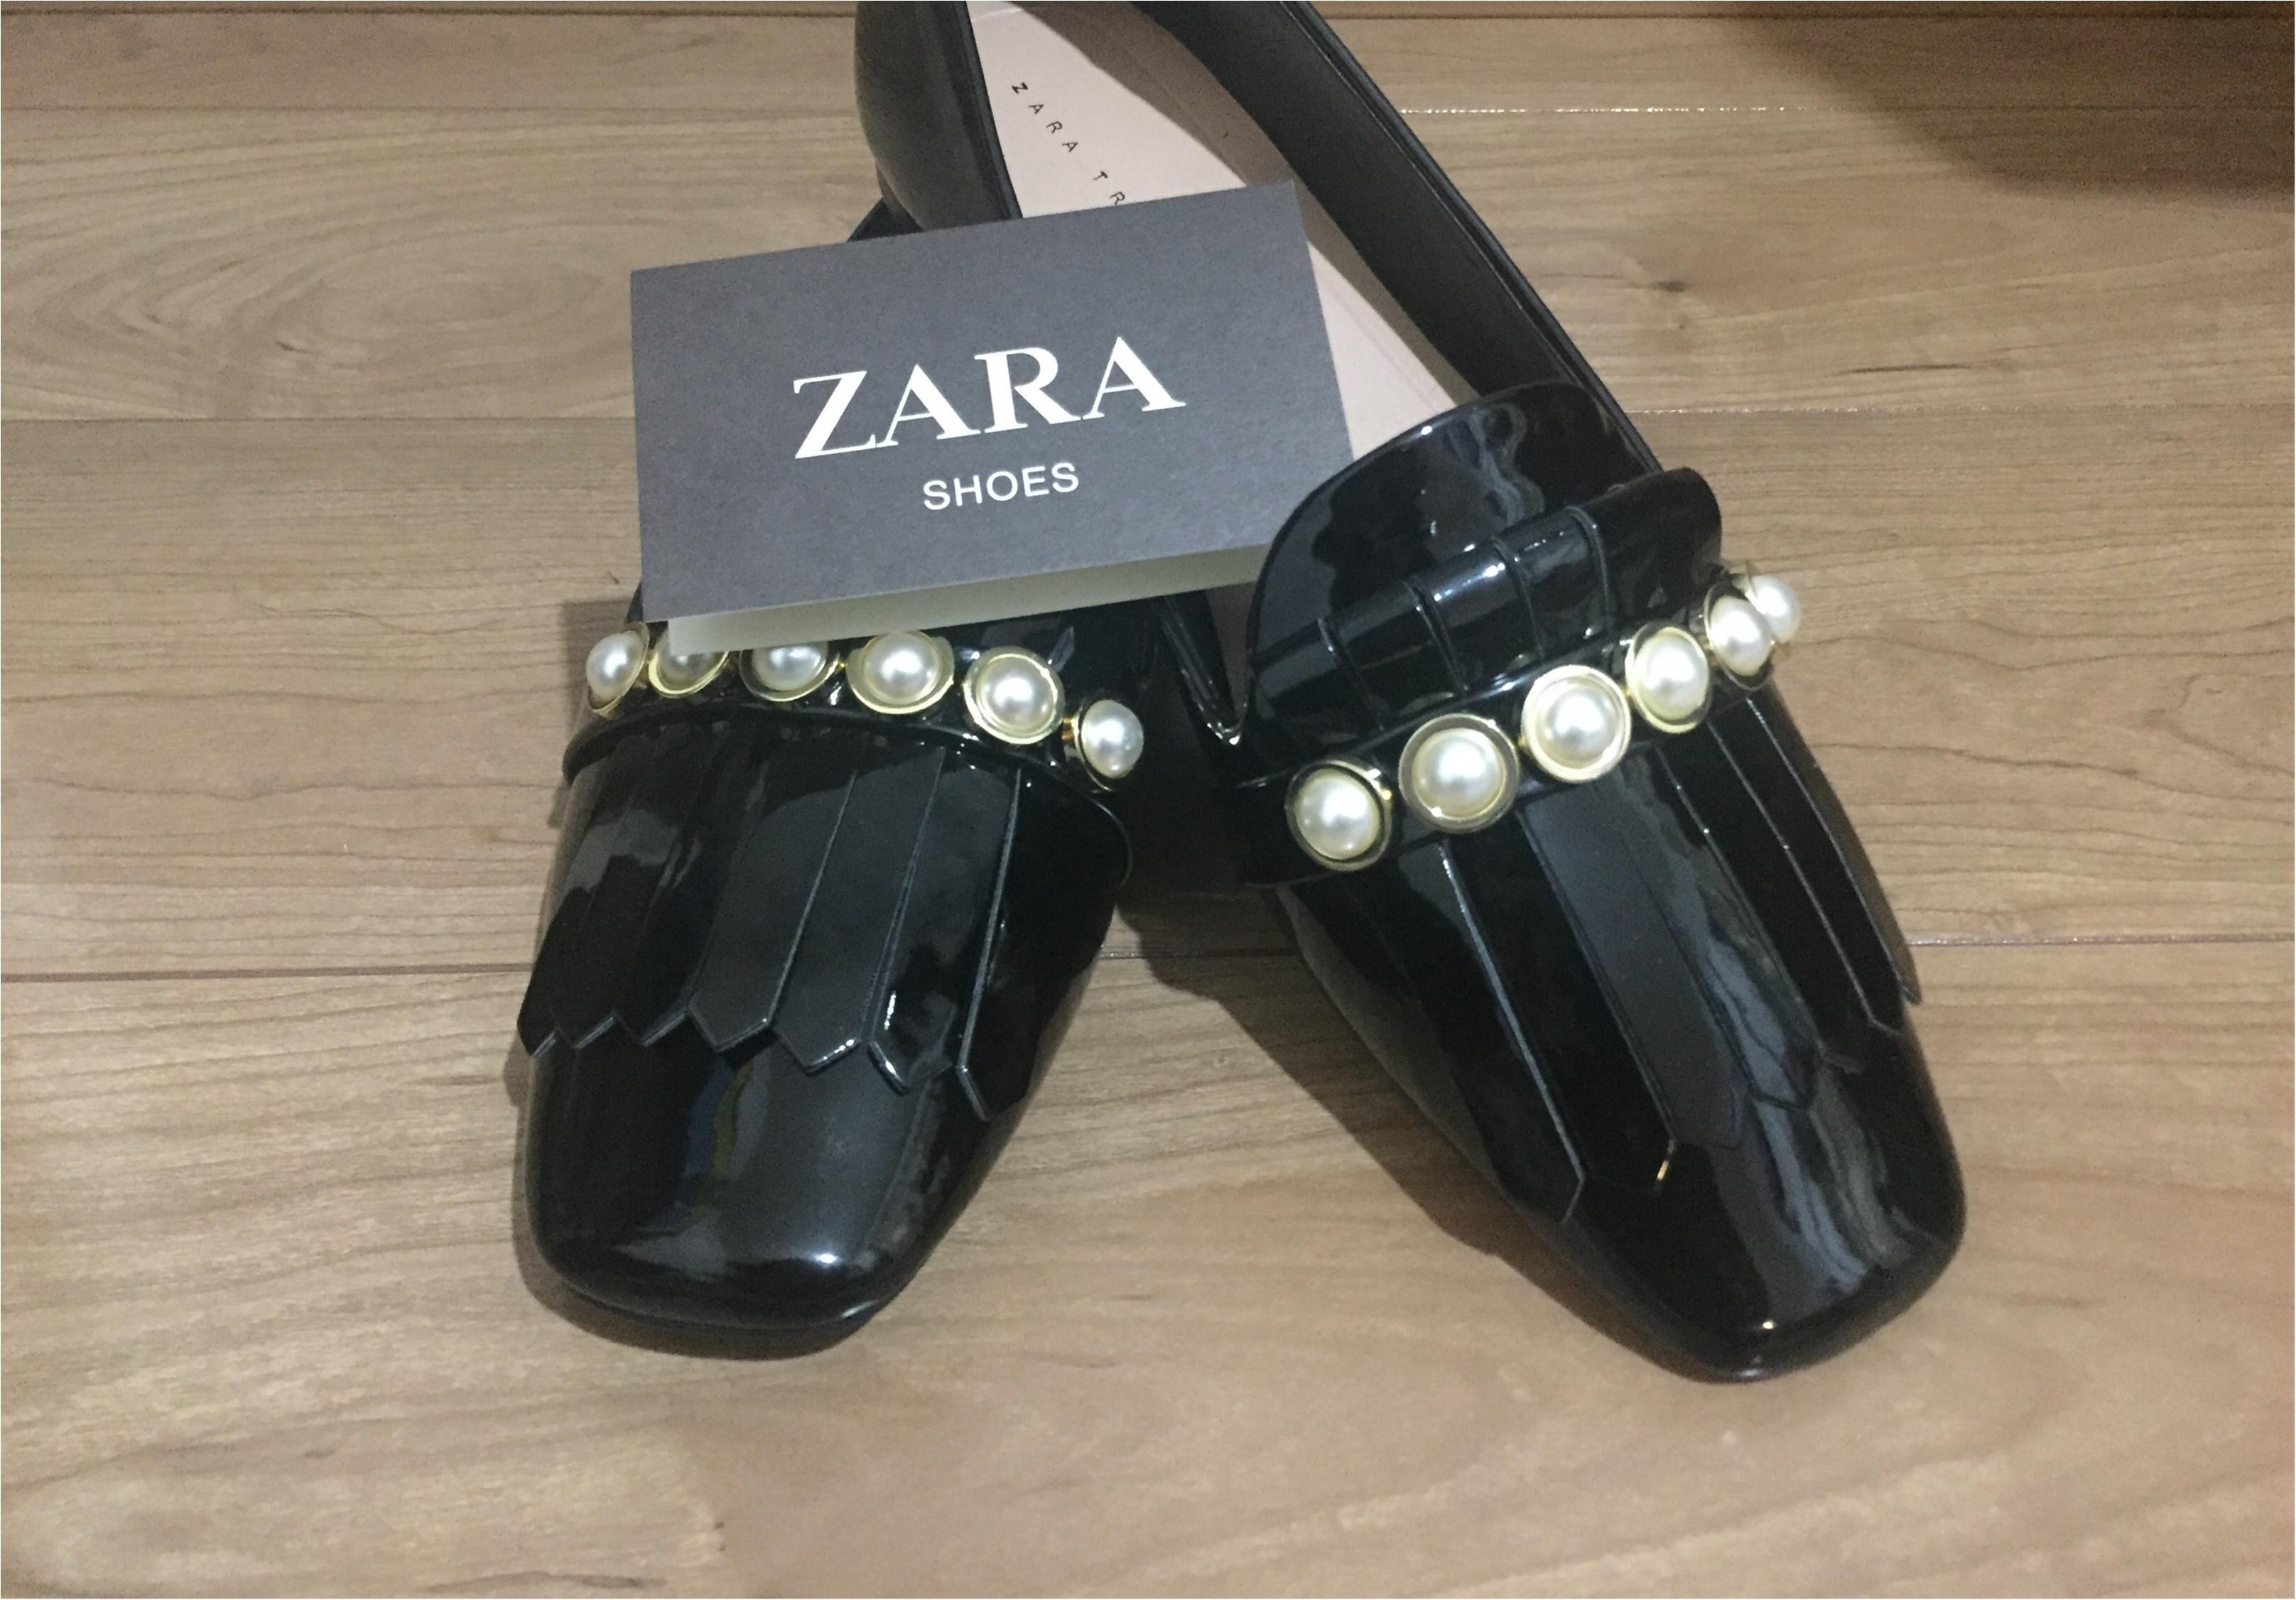 『ZARA』購入blog第三弾✧プチプラなのに凝ったデザインで高見え!1度品薄になりかけたこちらの靴をGETしてきました!_1